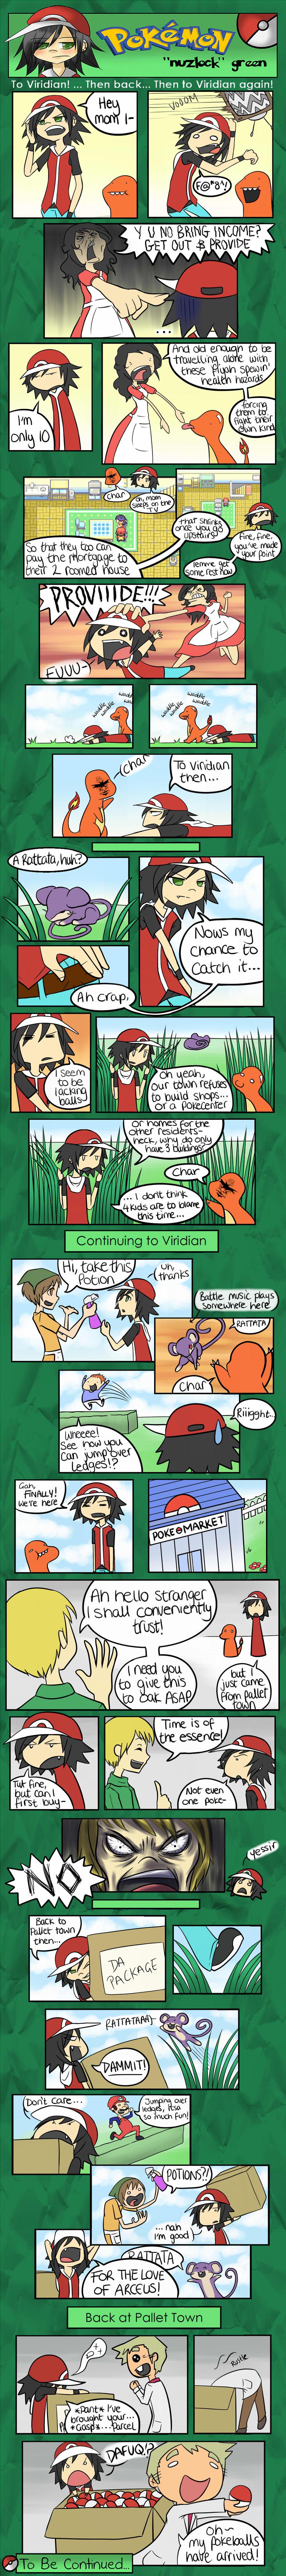 Pokemon 'Nuzlock' Green Pg3 by xXxBLUExROSExXx